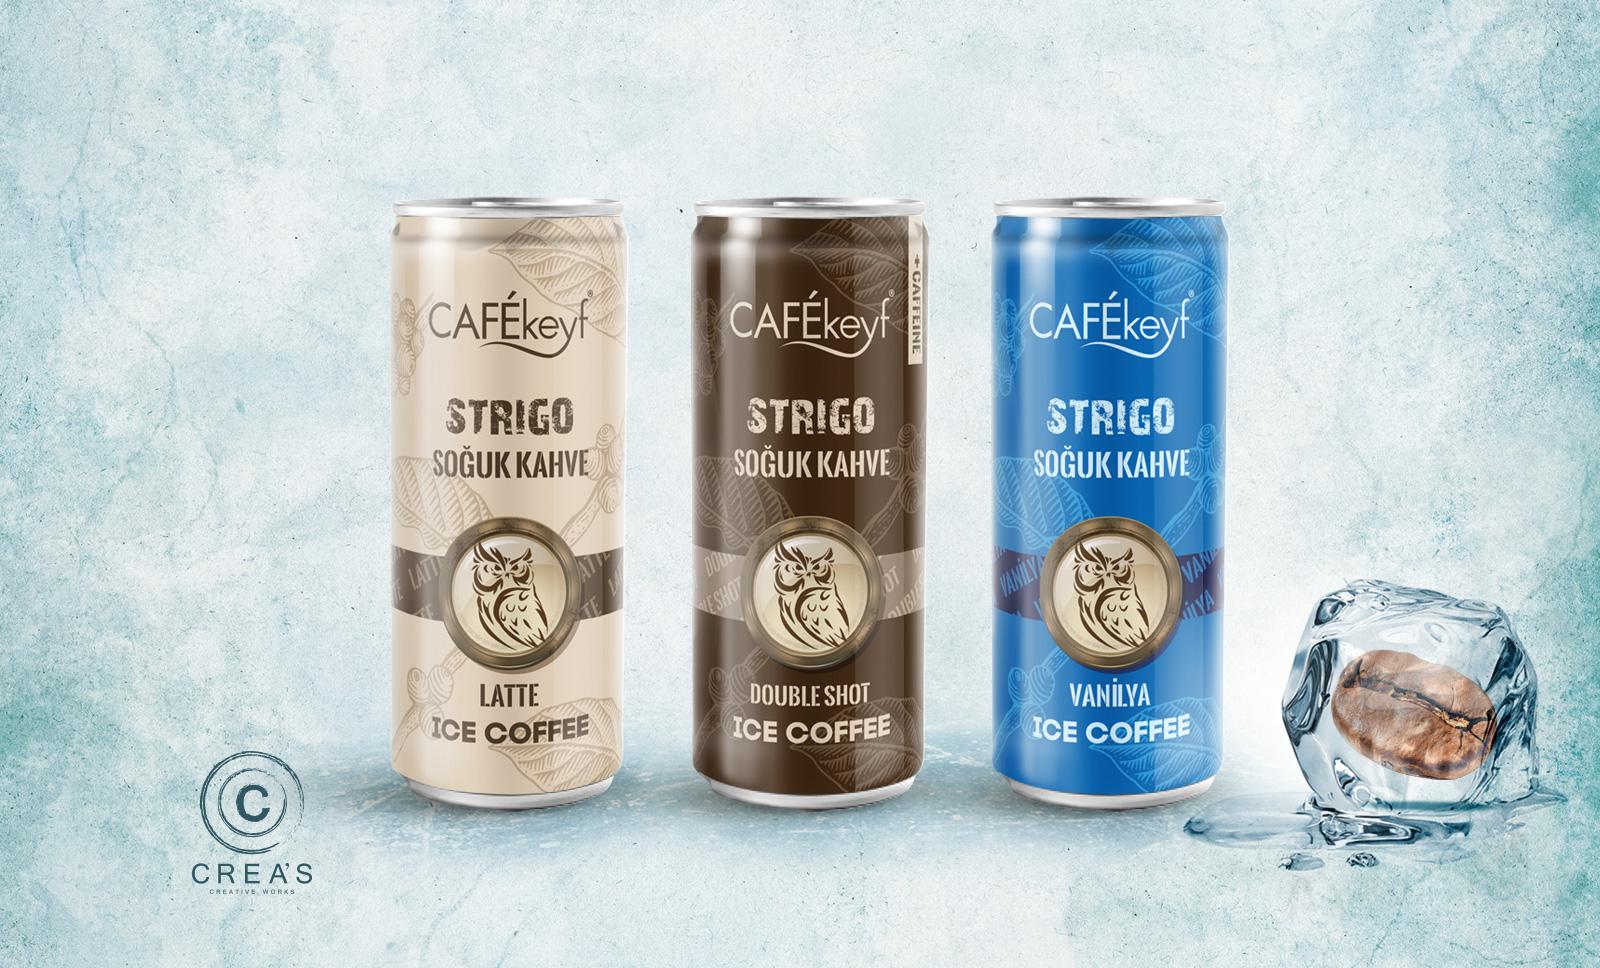 Creas Creative Tasarım ve Reklam Ajansı İzmir - Cafekeyf Soğuk Kahve Ambalaj Tasarımı